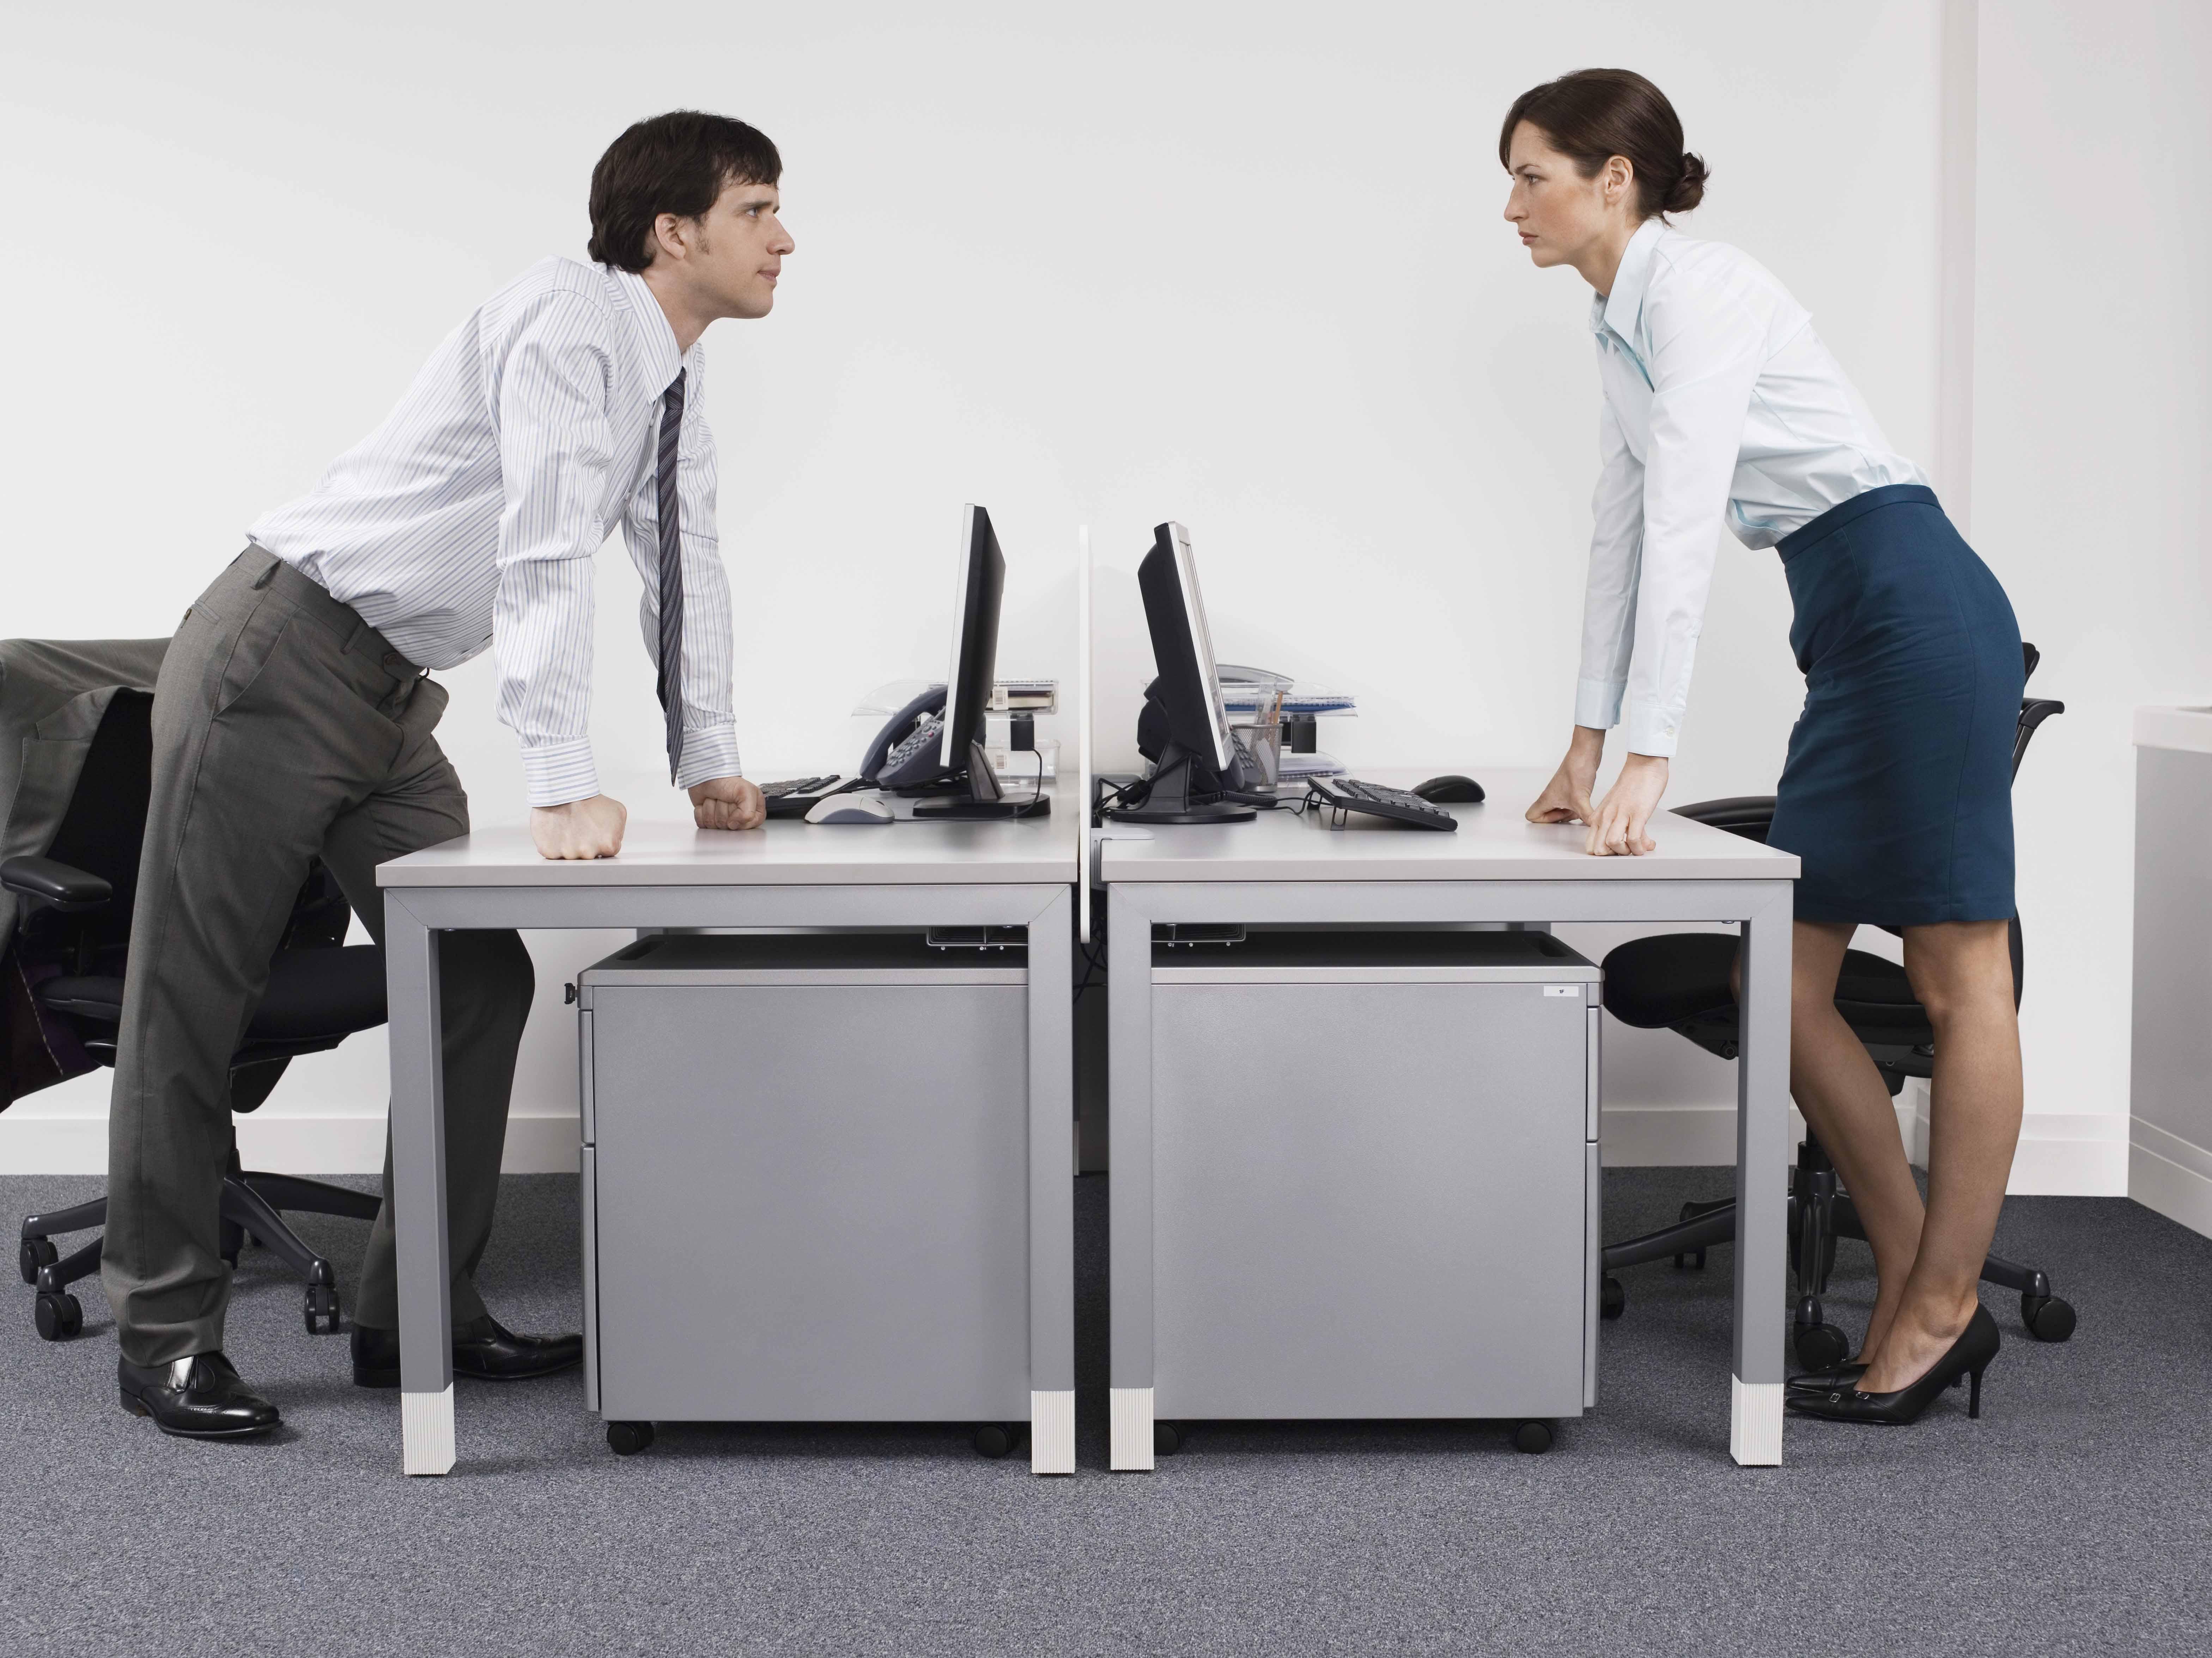 Votre entreprise respecte et respectera-t-elle l'égalité hommes/femmes ?